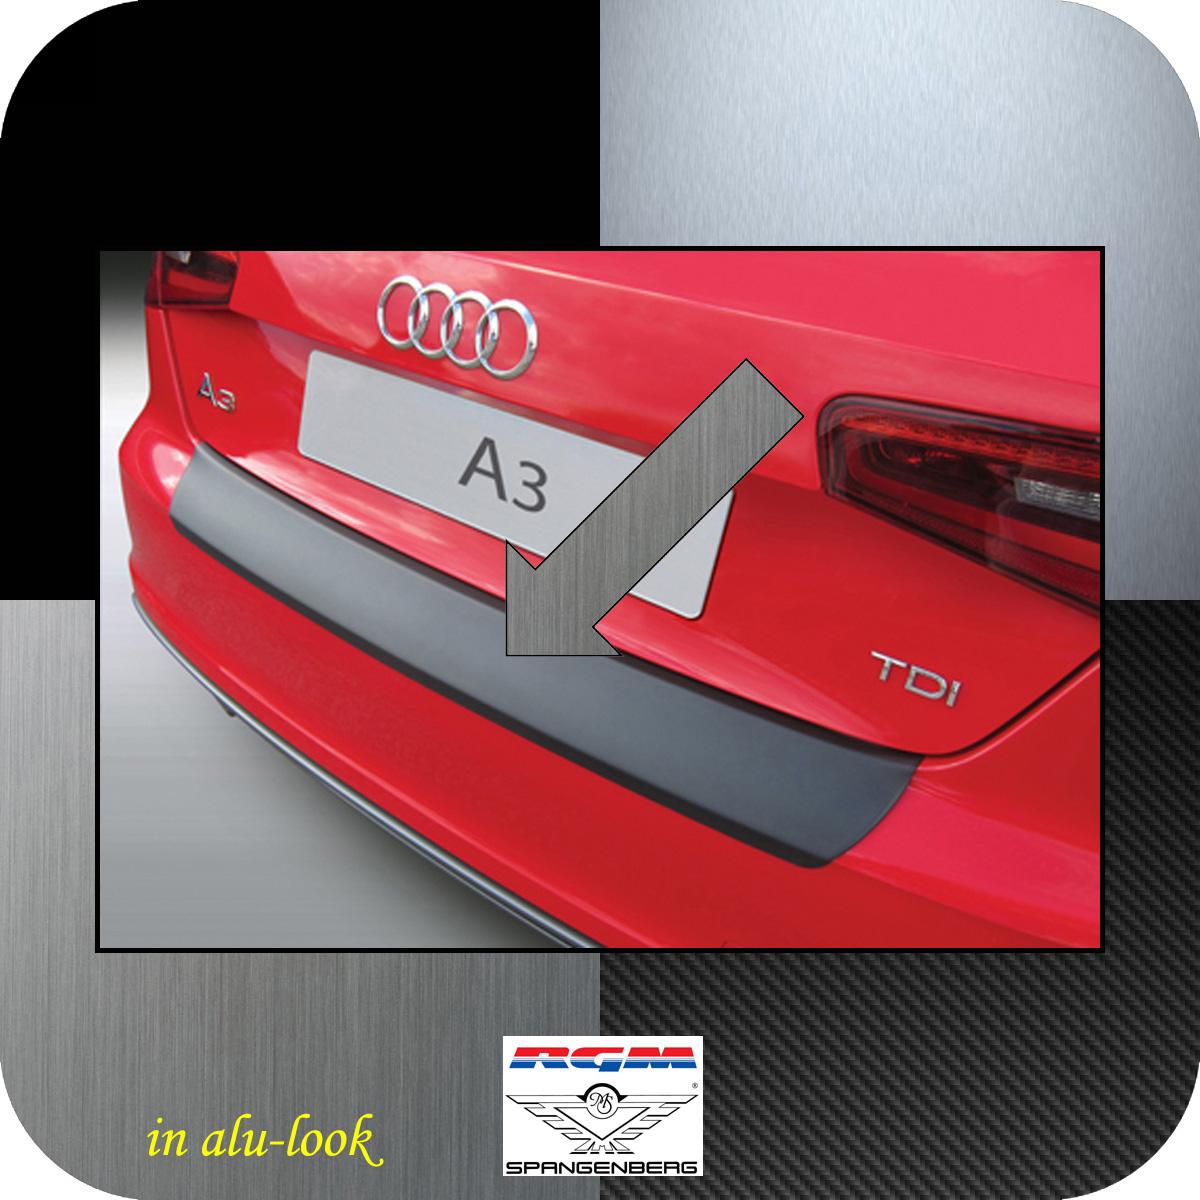 Ladekantenschutz Alu-Look Audi A3 auch S3 Schrägheck 3-Türer 2012-2017 3504899